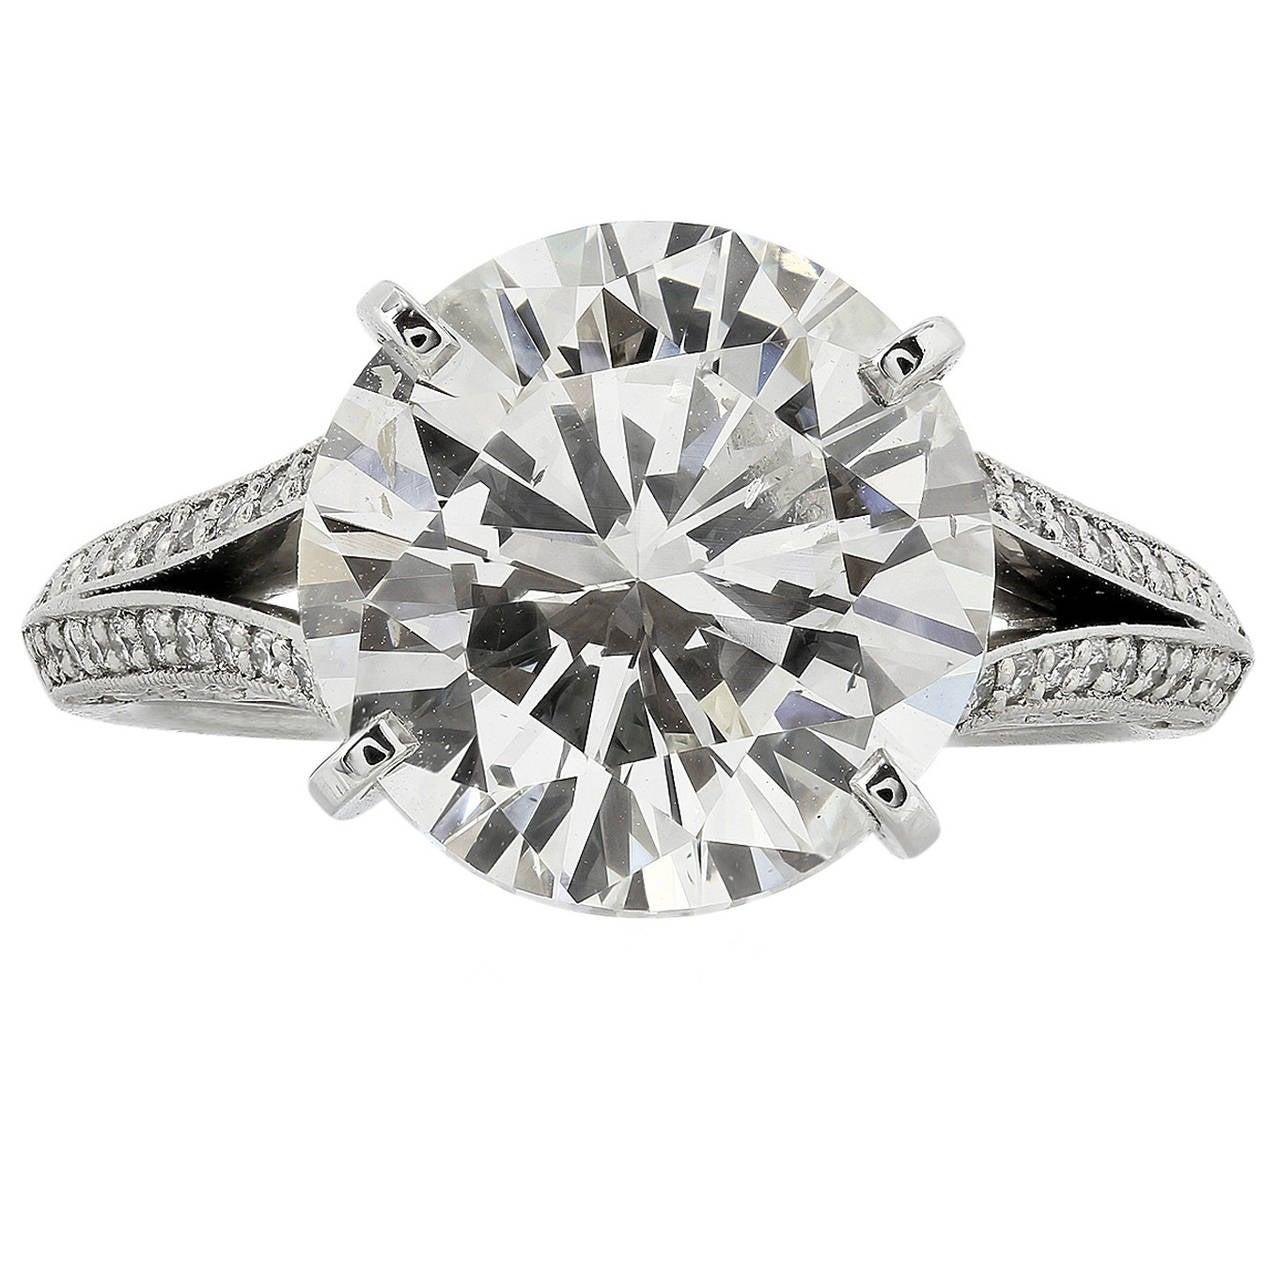 GIA Certified 5.02 Carat Round Brilliant Cut Solitaire Engagement Platinum Ring